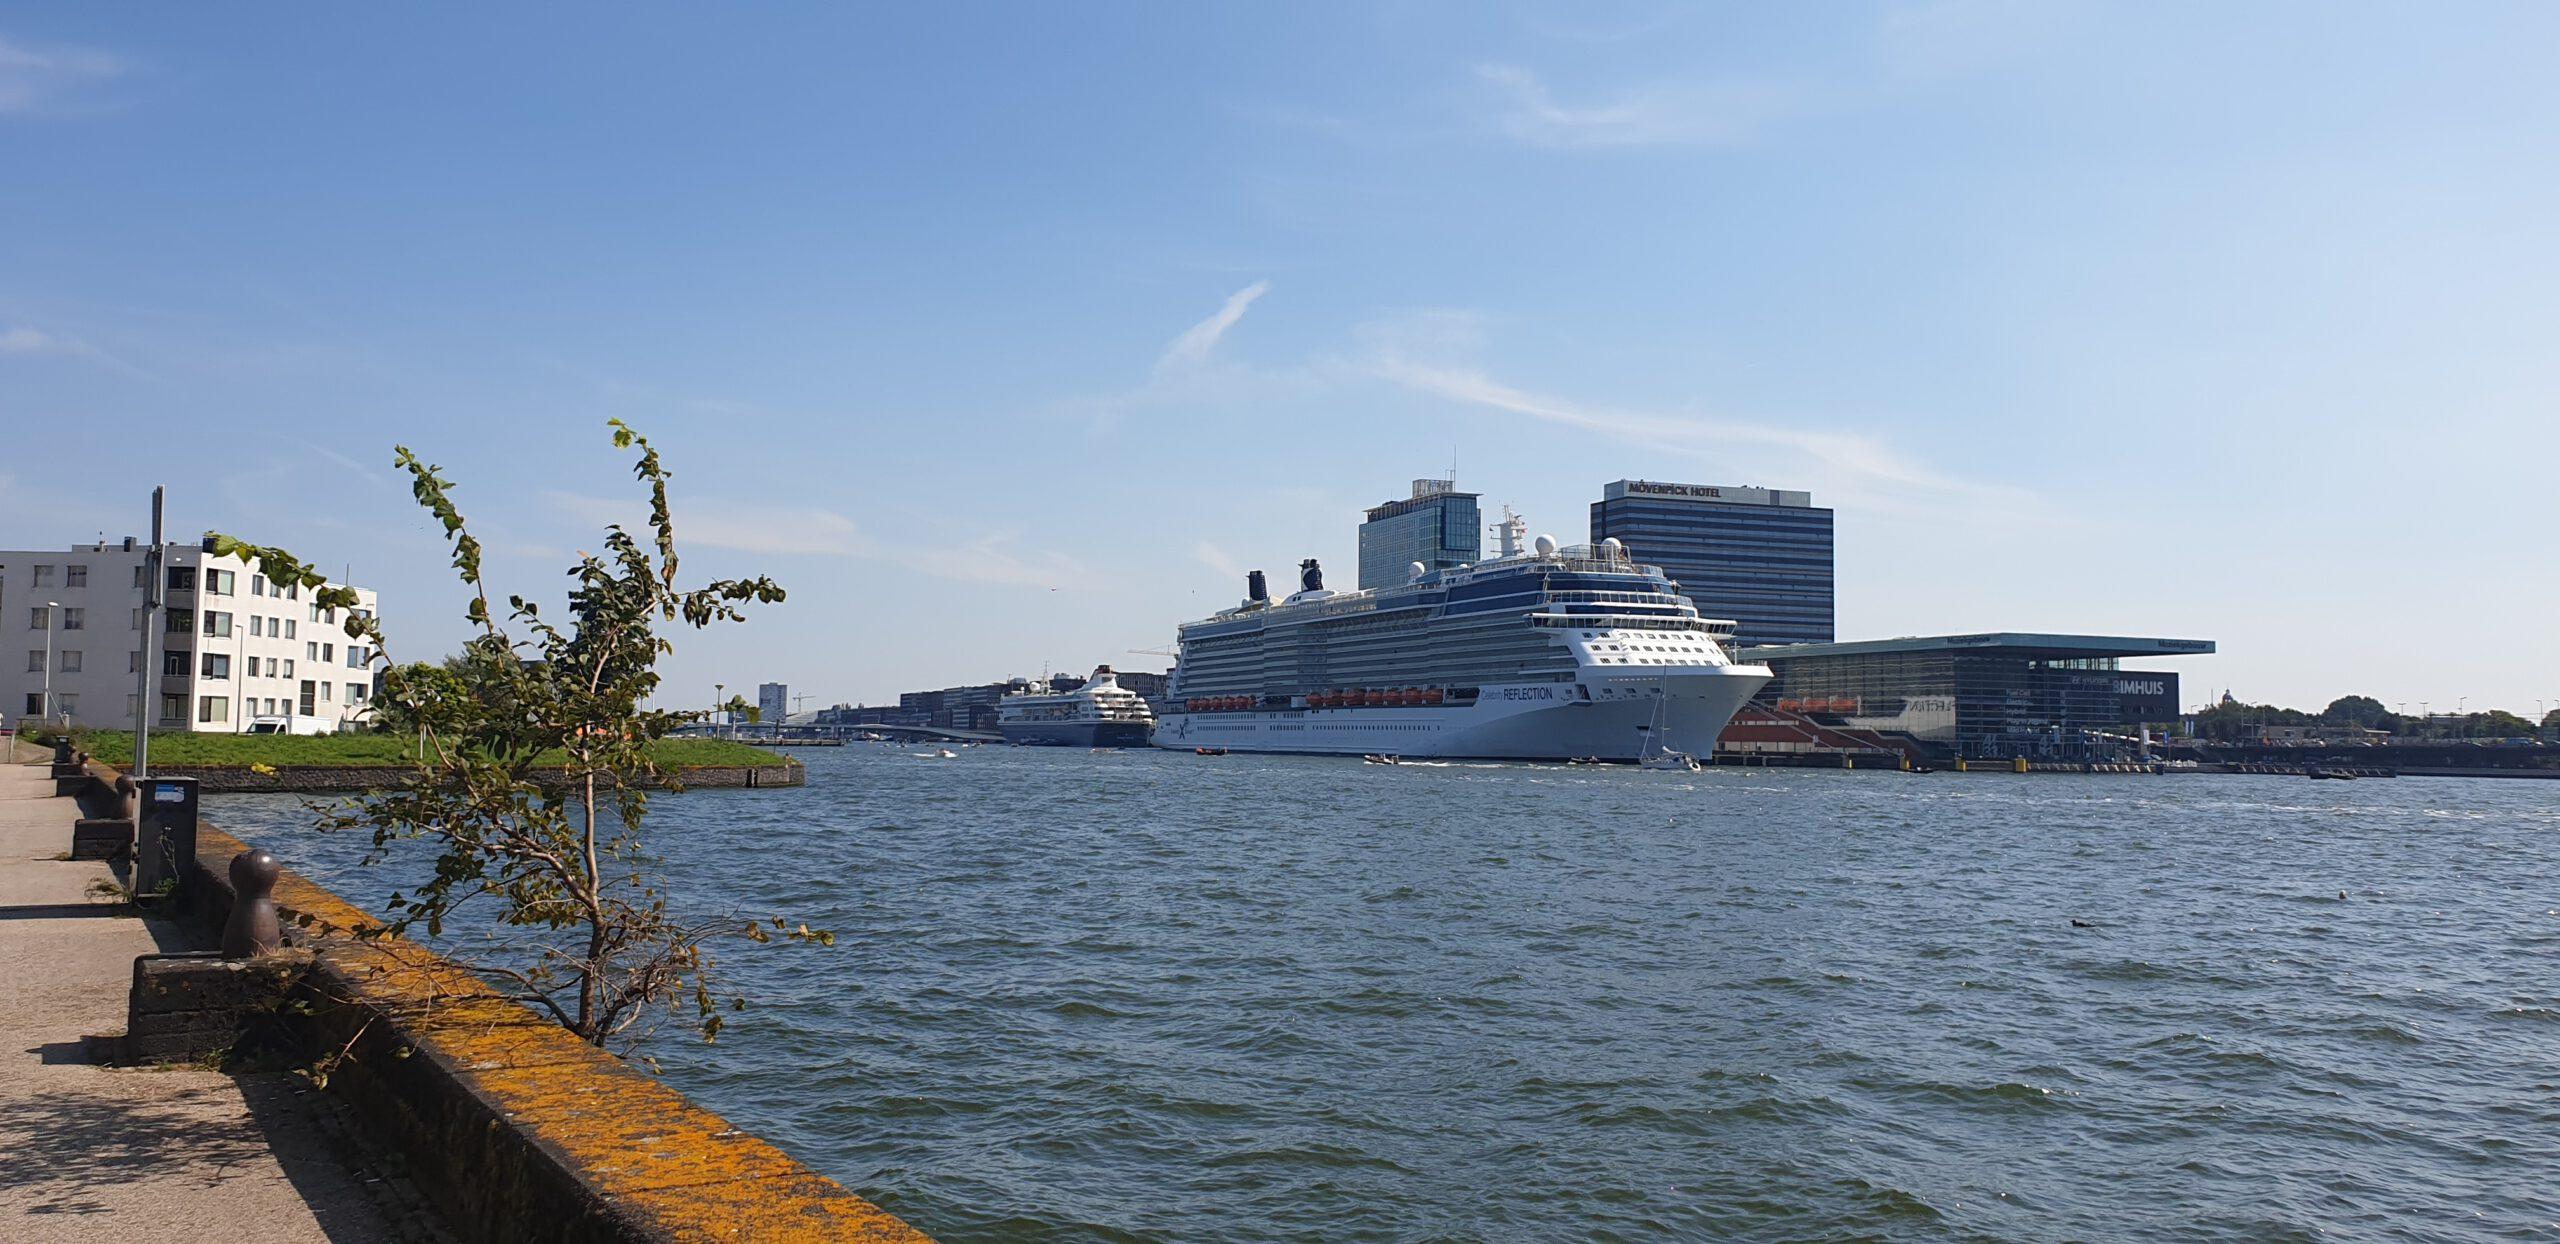 Nederland-Amsterdam-Cruise-Haven